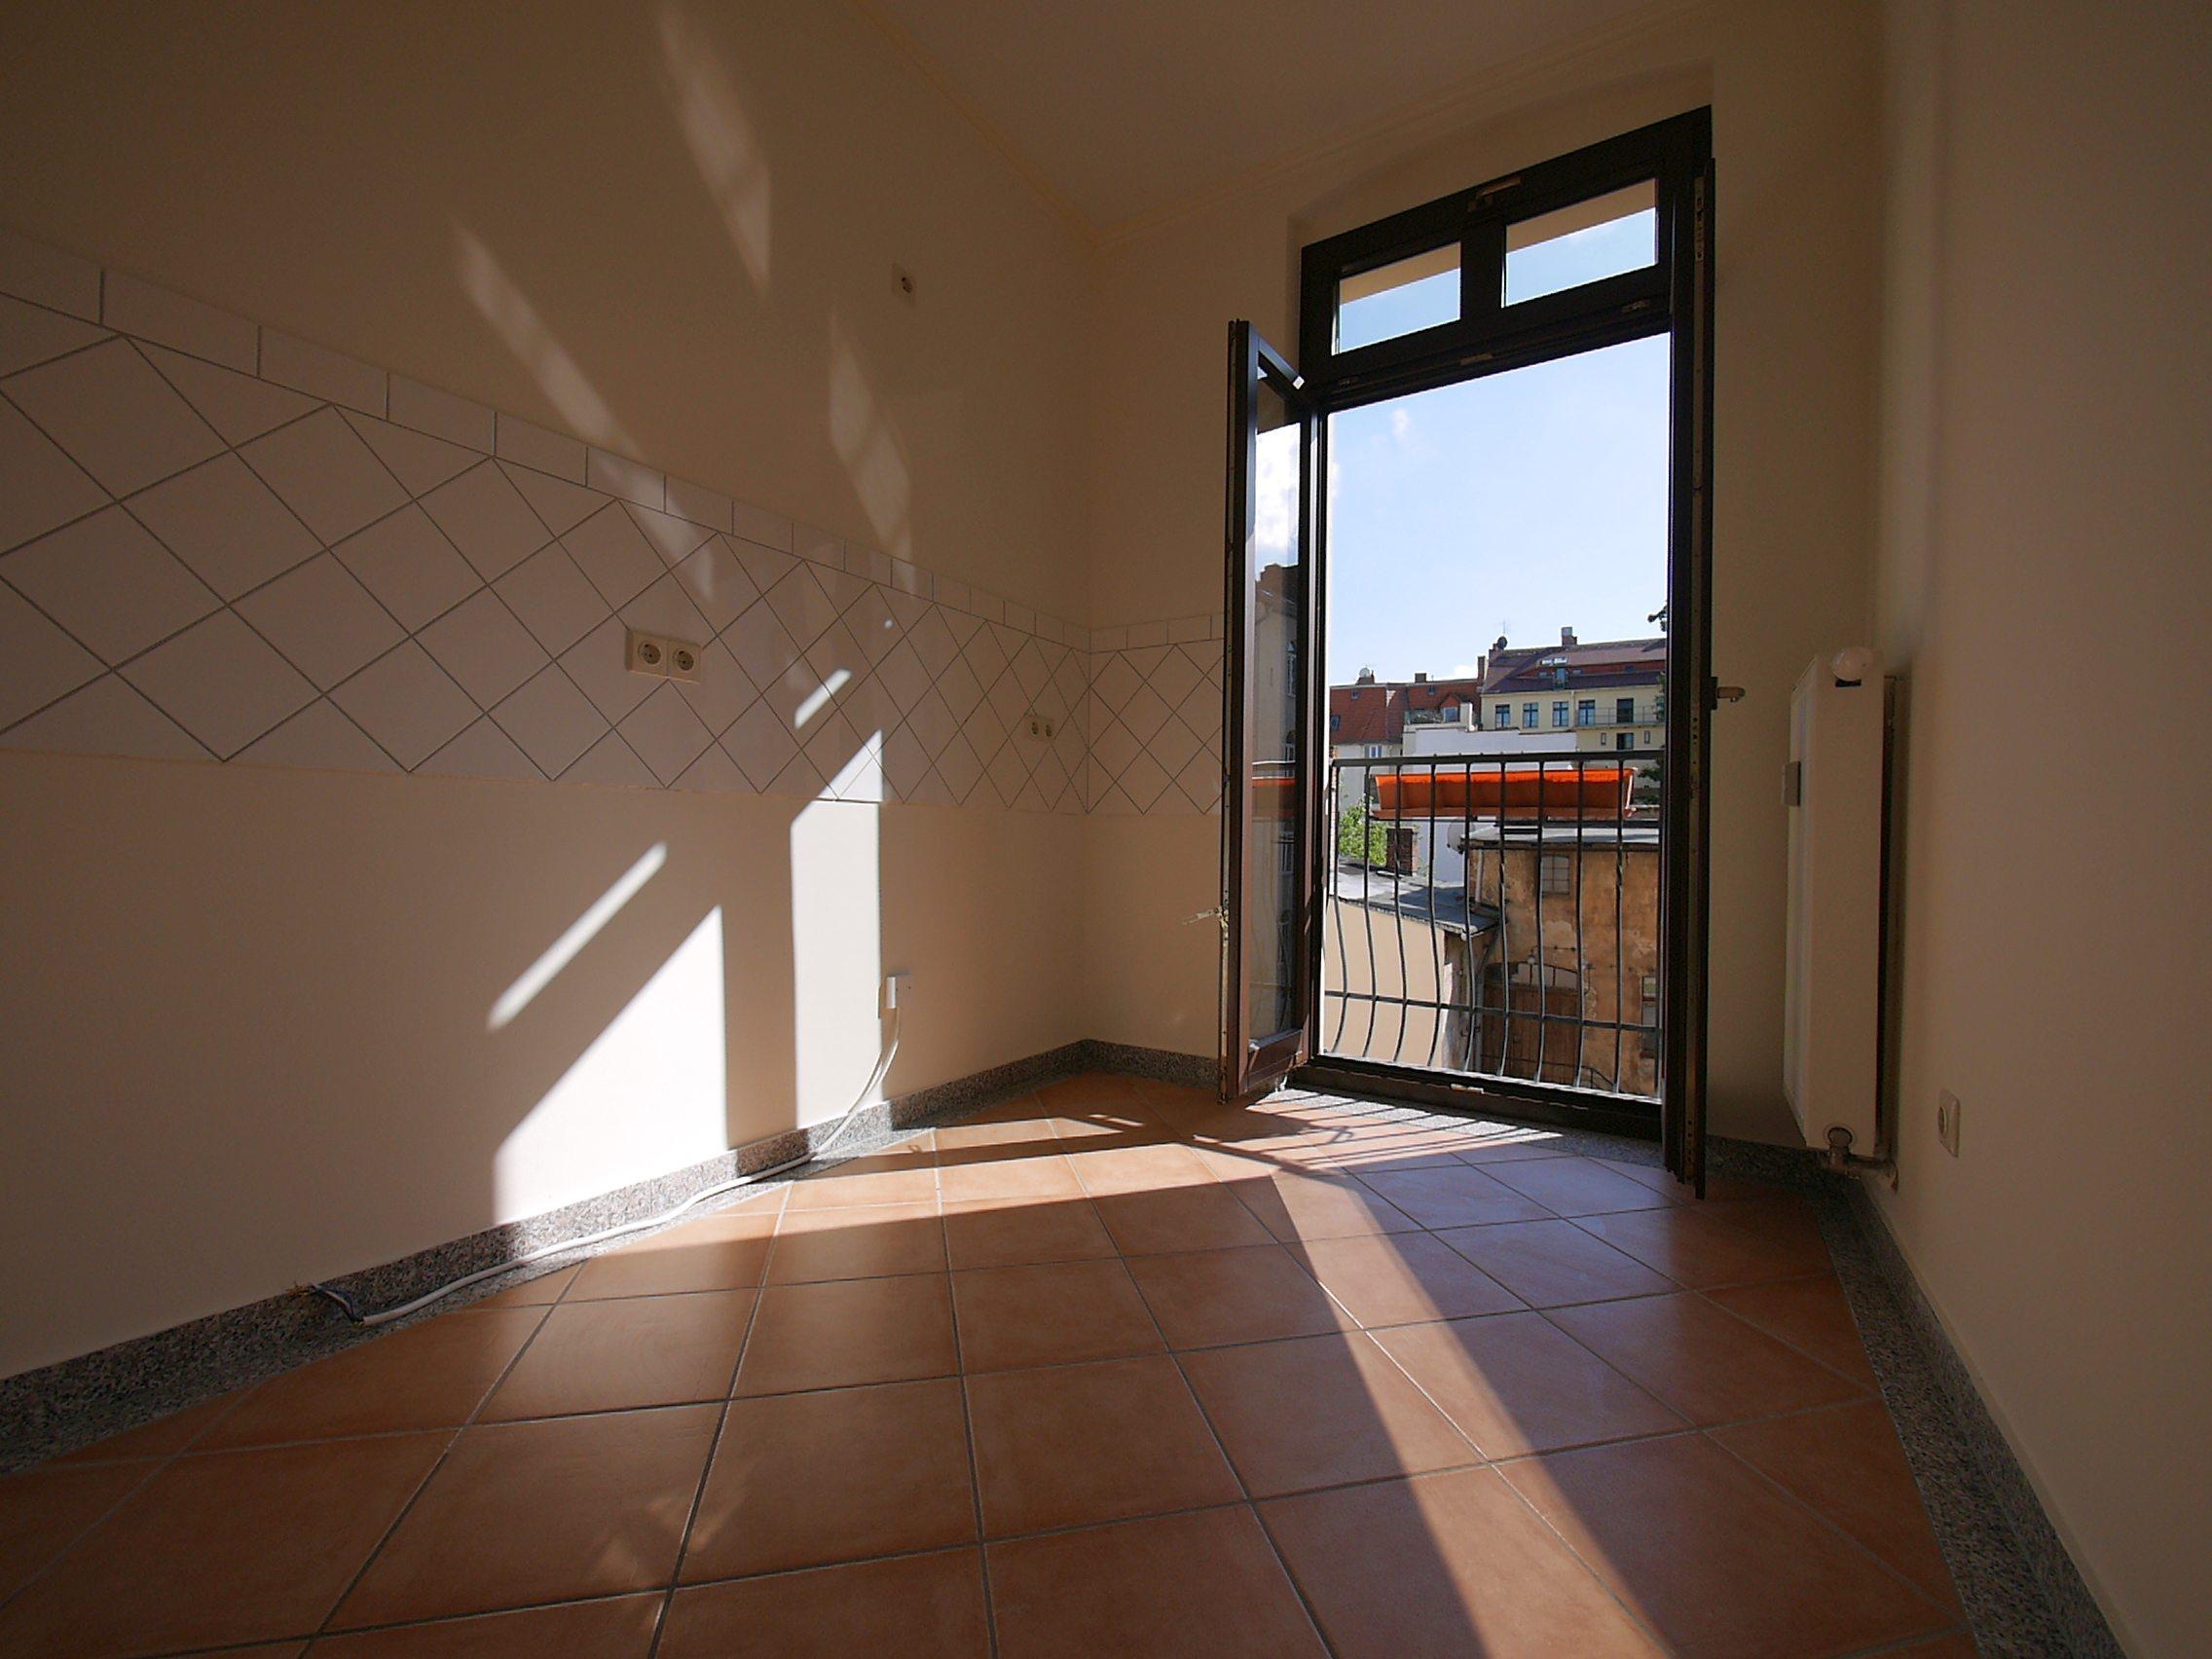 Mietwohnung: Vermietung von 2-Raum Wohnung in Görlitz, Hospitalstraße 6